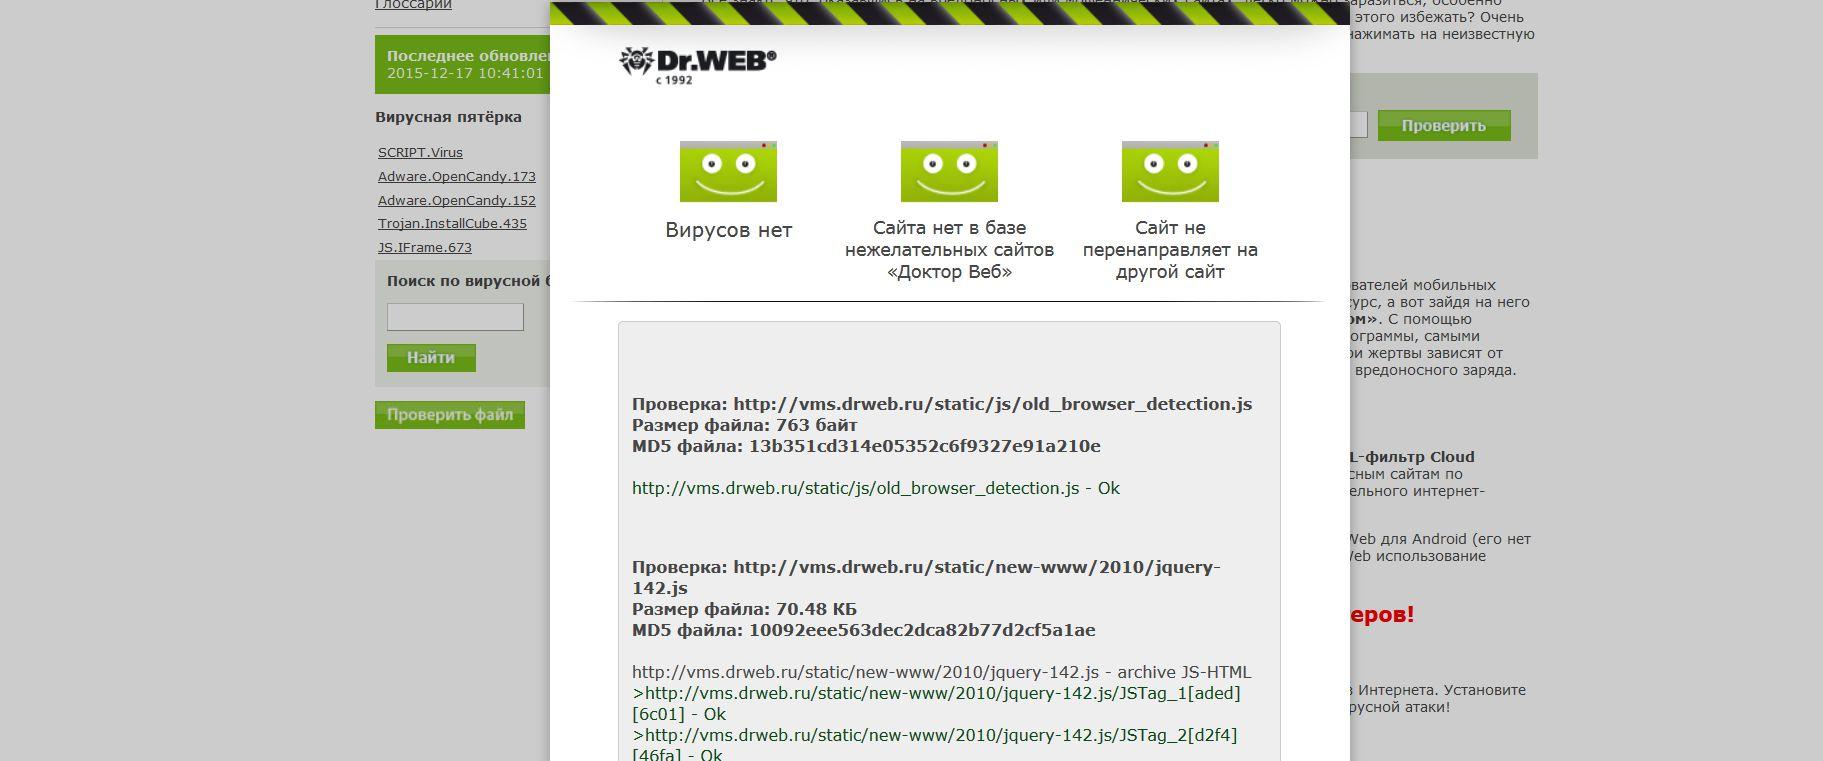 Результат проверки интернет ссылок на безопасность антивирусом Dr.Web онлайн